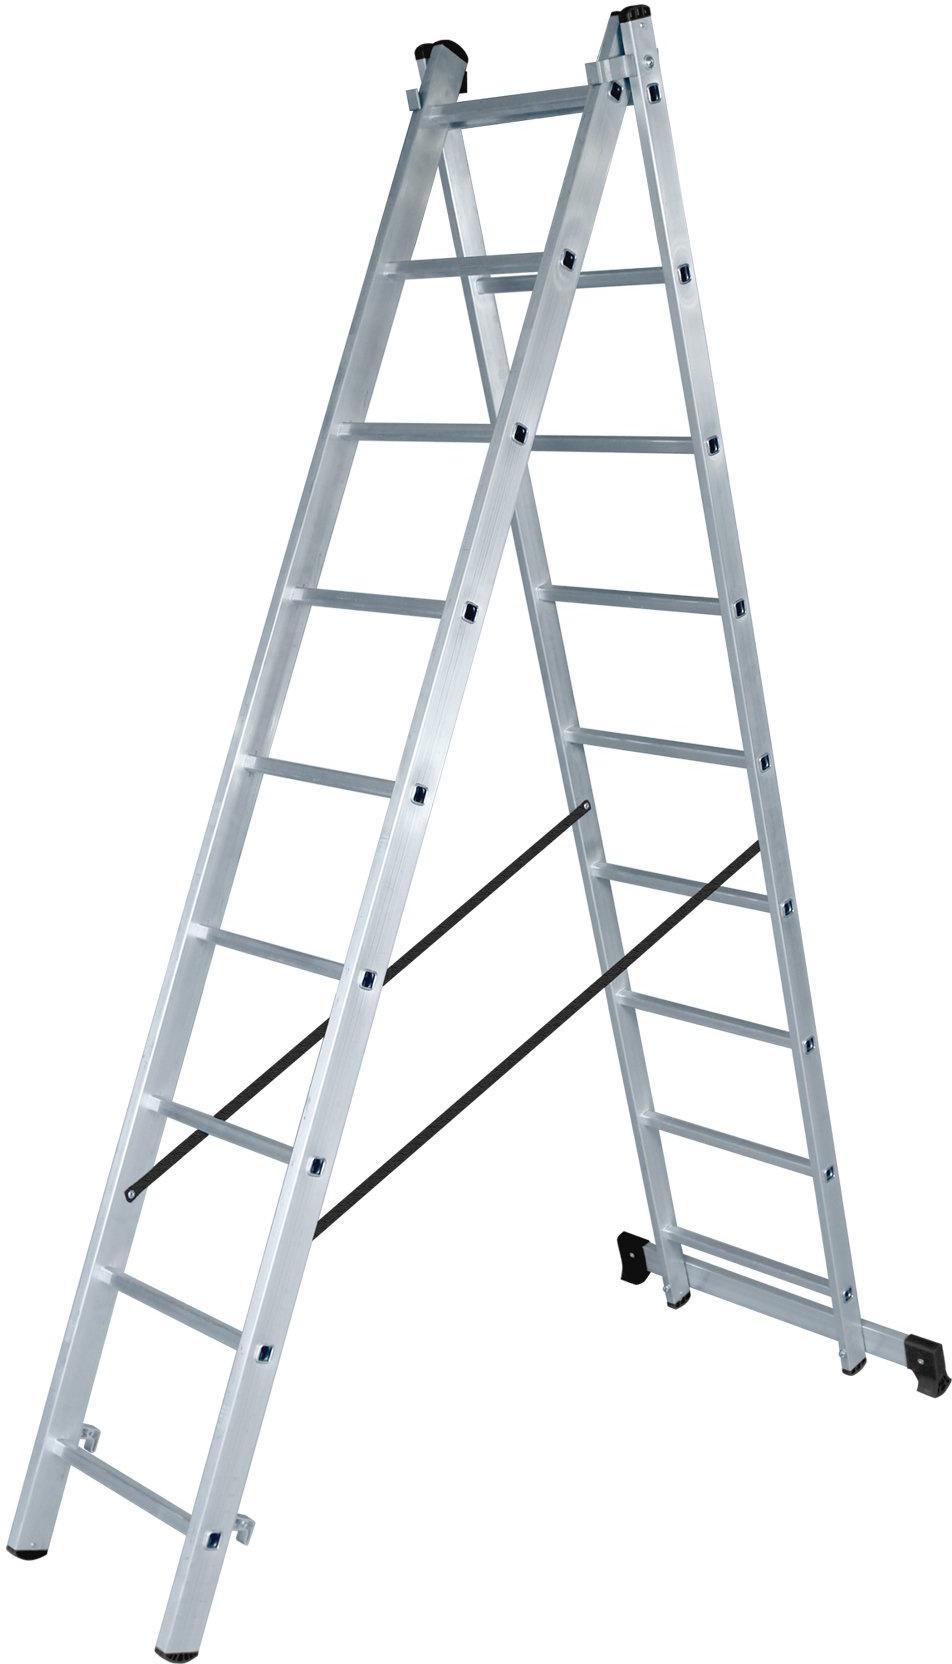 Фото - Лестница ВИХРЬ ЛА 2х9 лестница трансформер шарнирная профи 4 секции по 4 ступени 1 алюмет